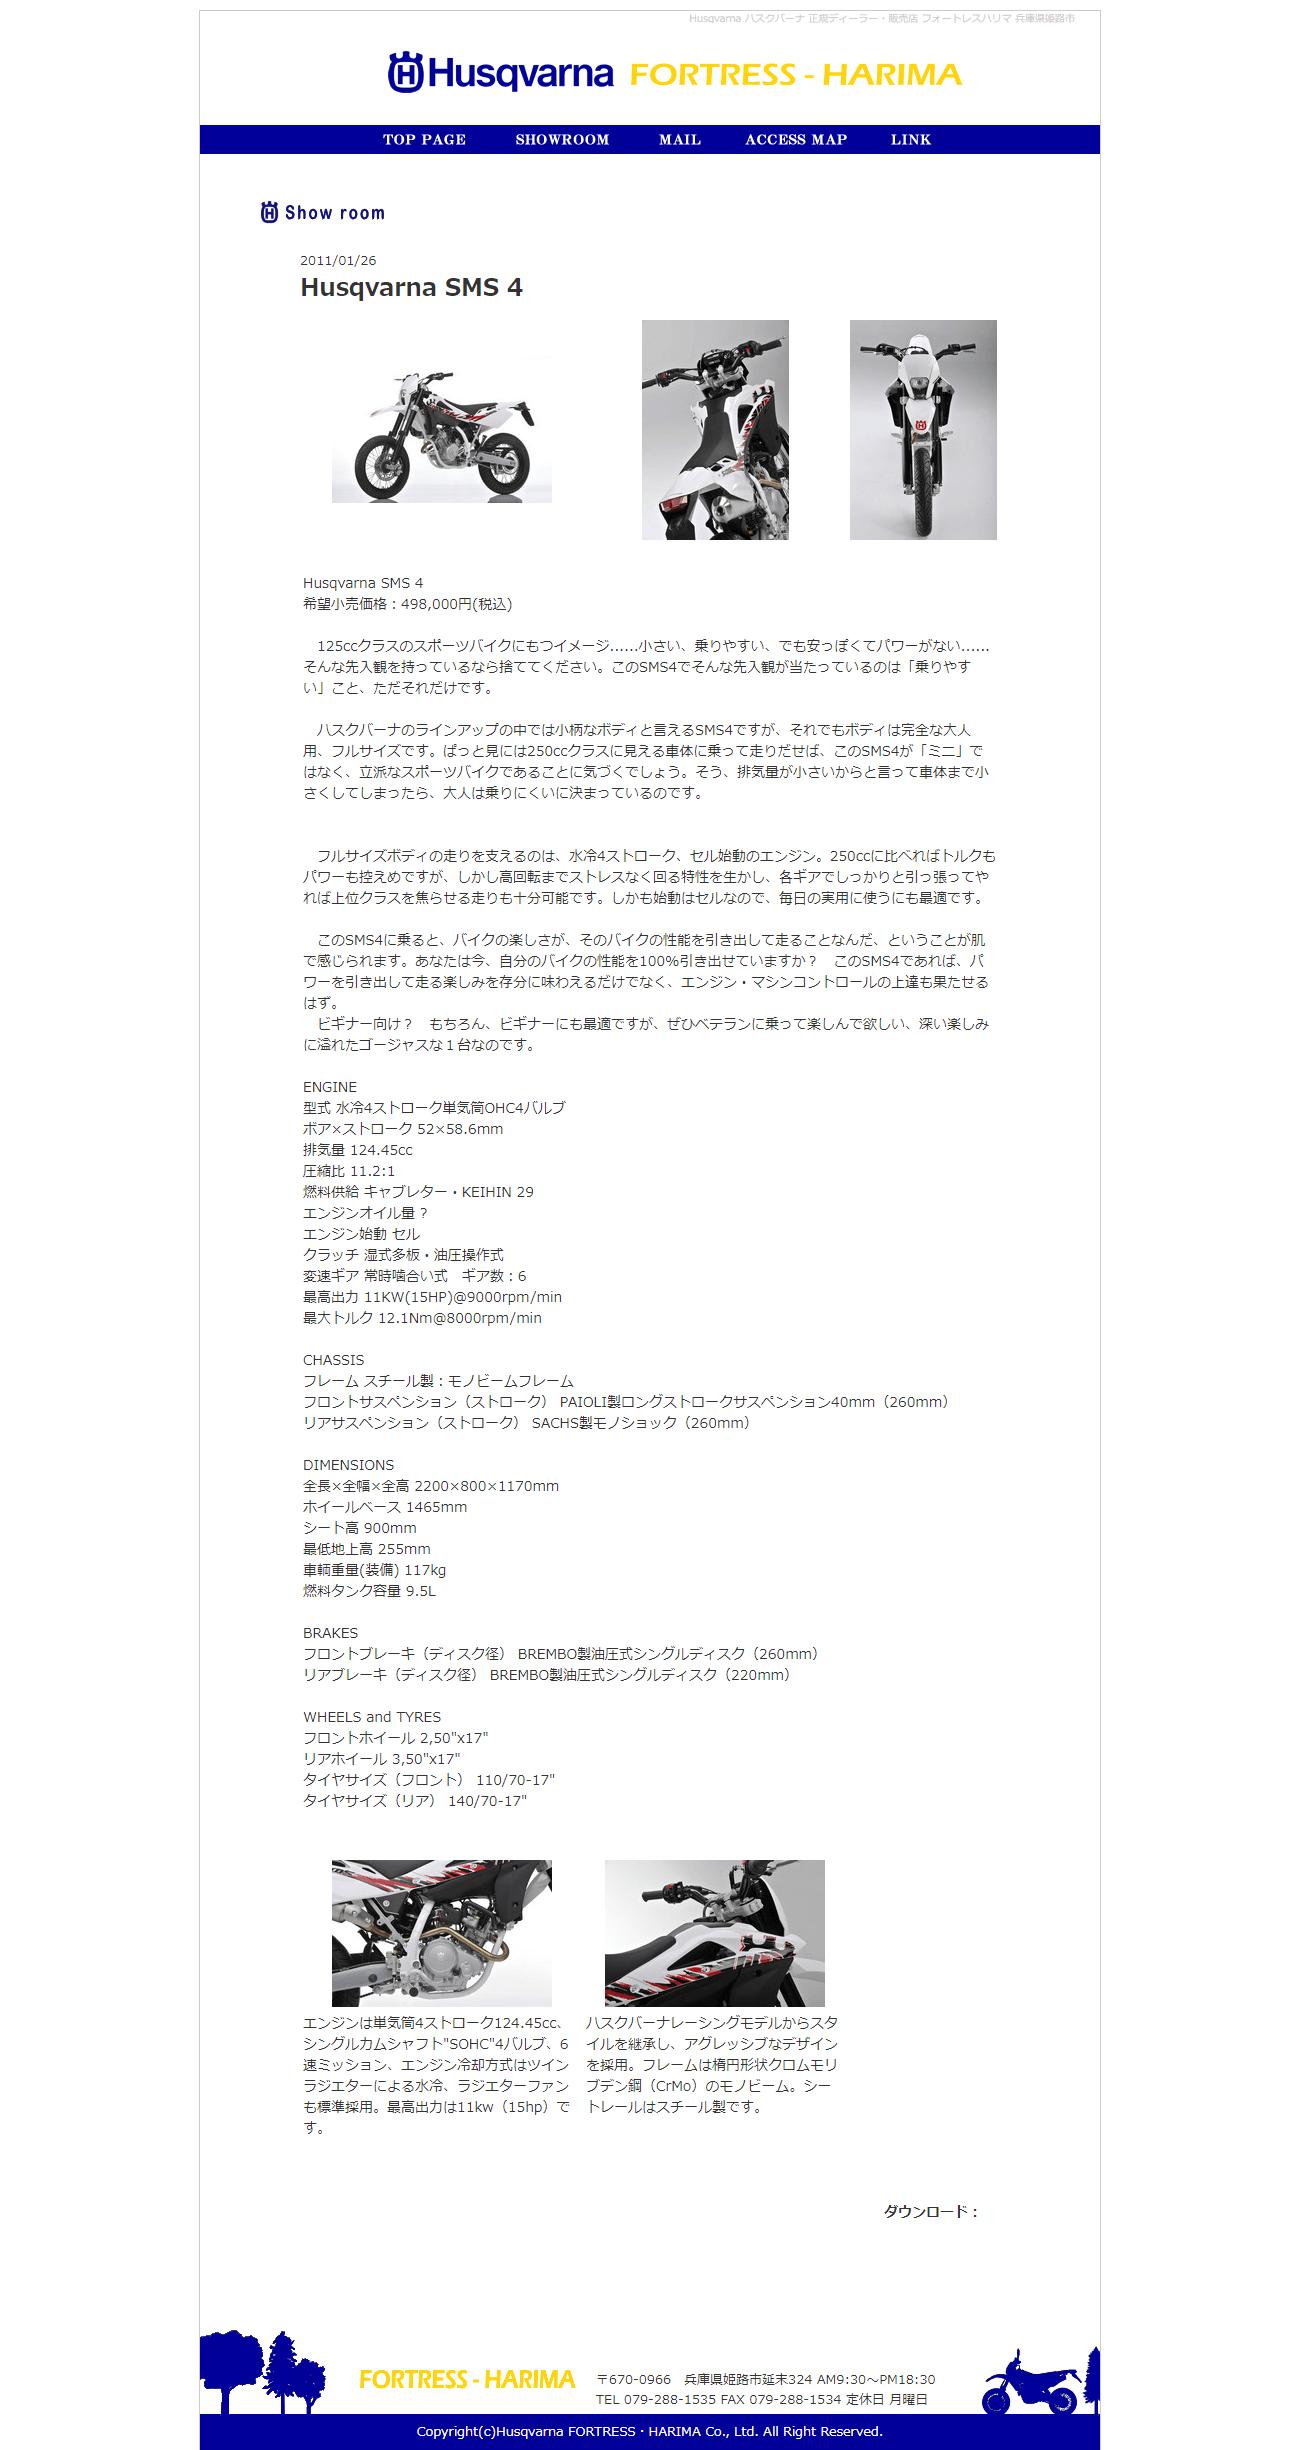 姫路市 シースケープ様 husqvarna専門サイト2